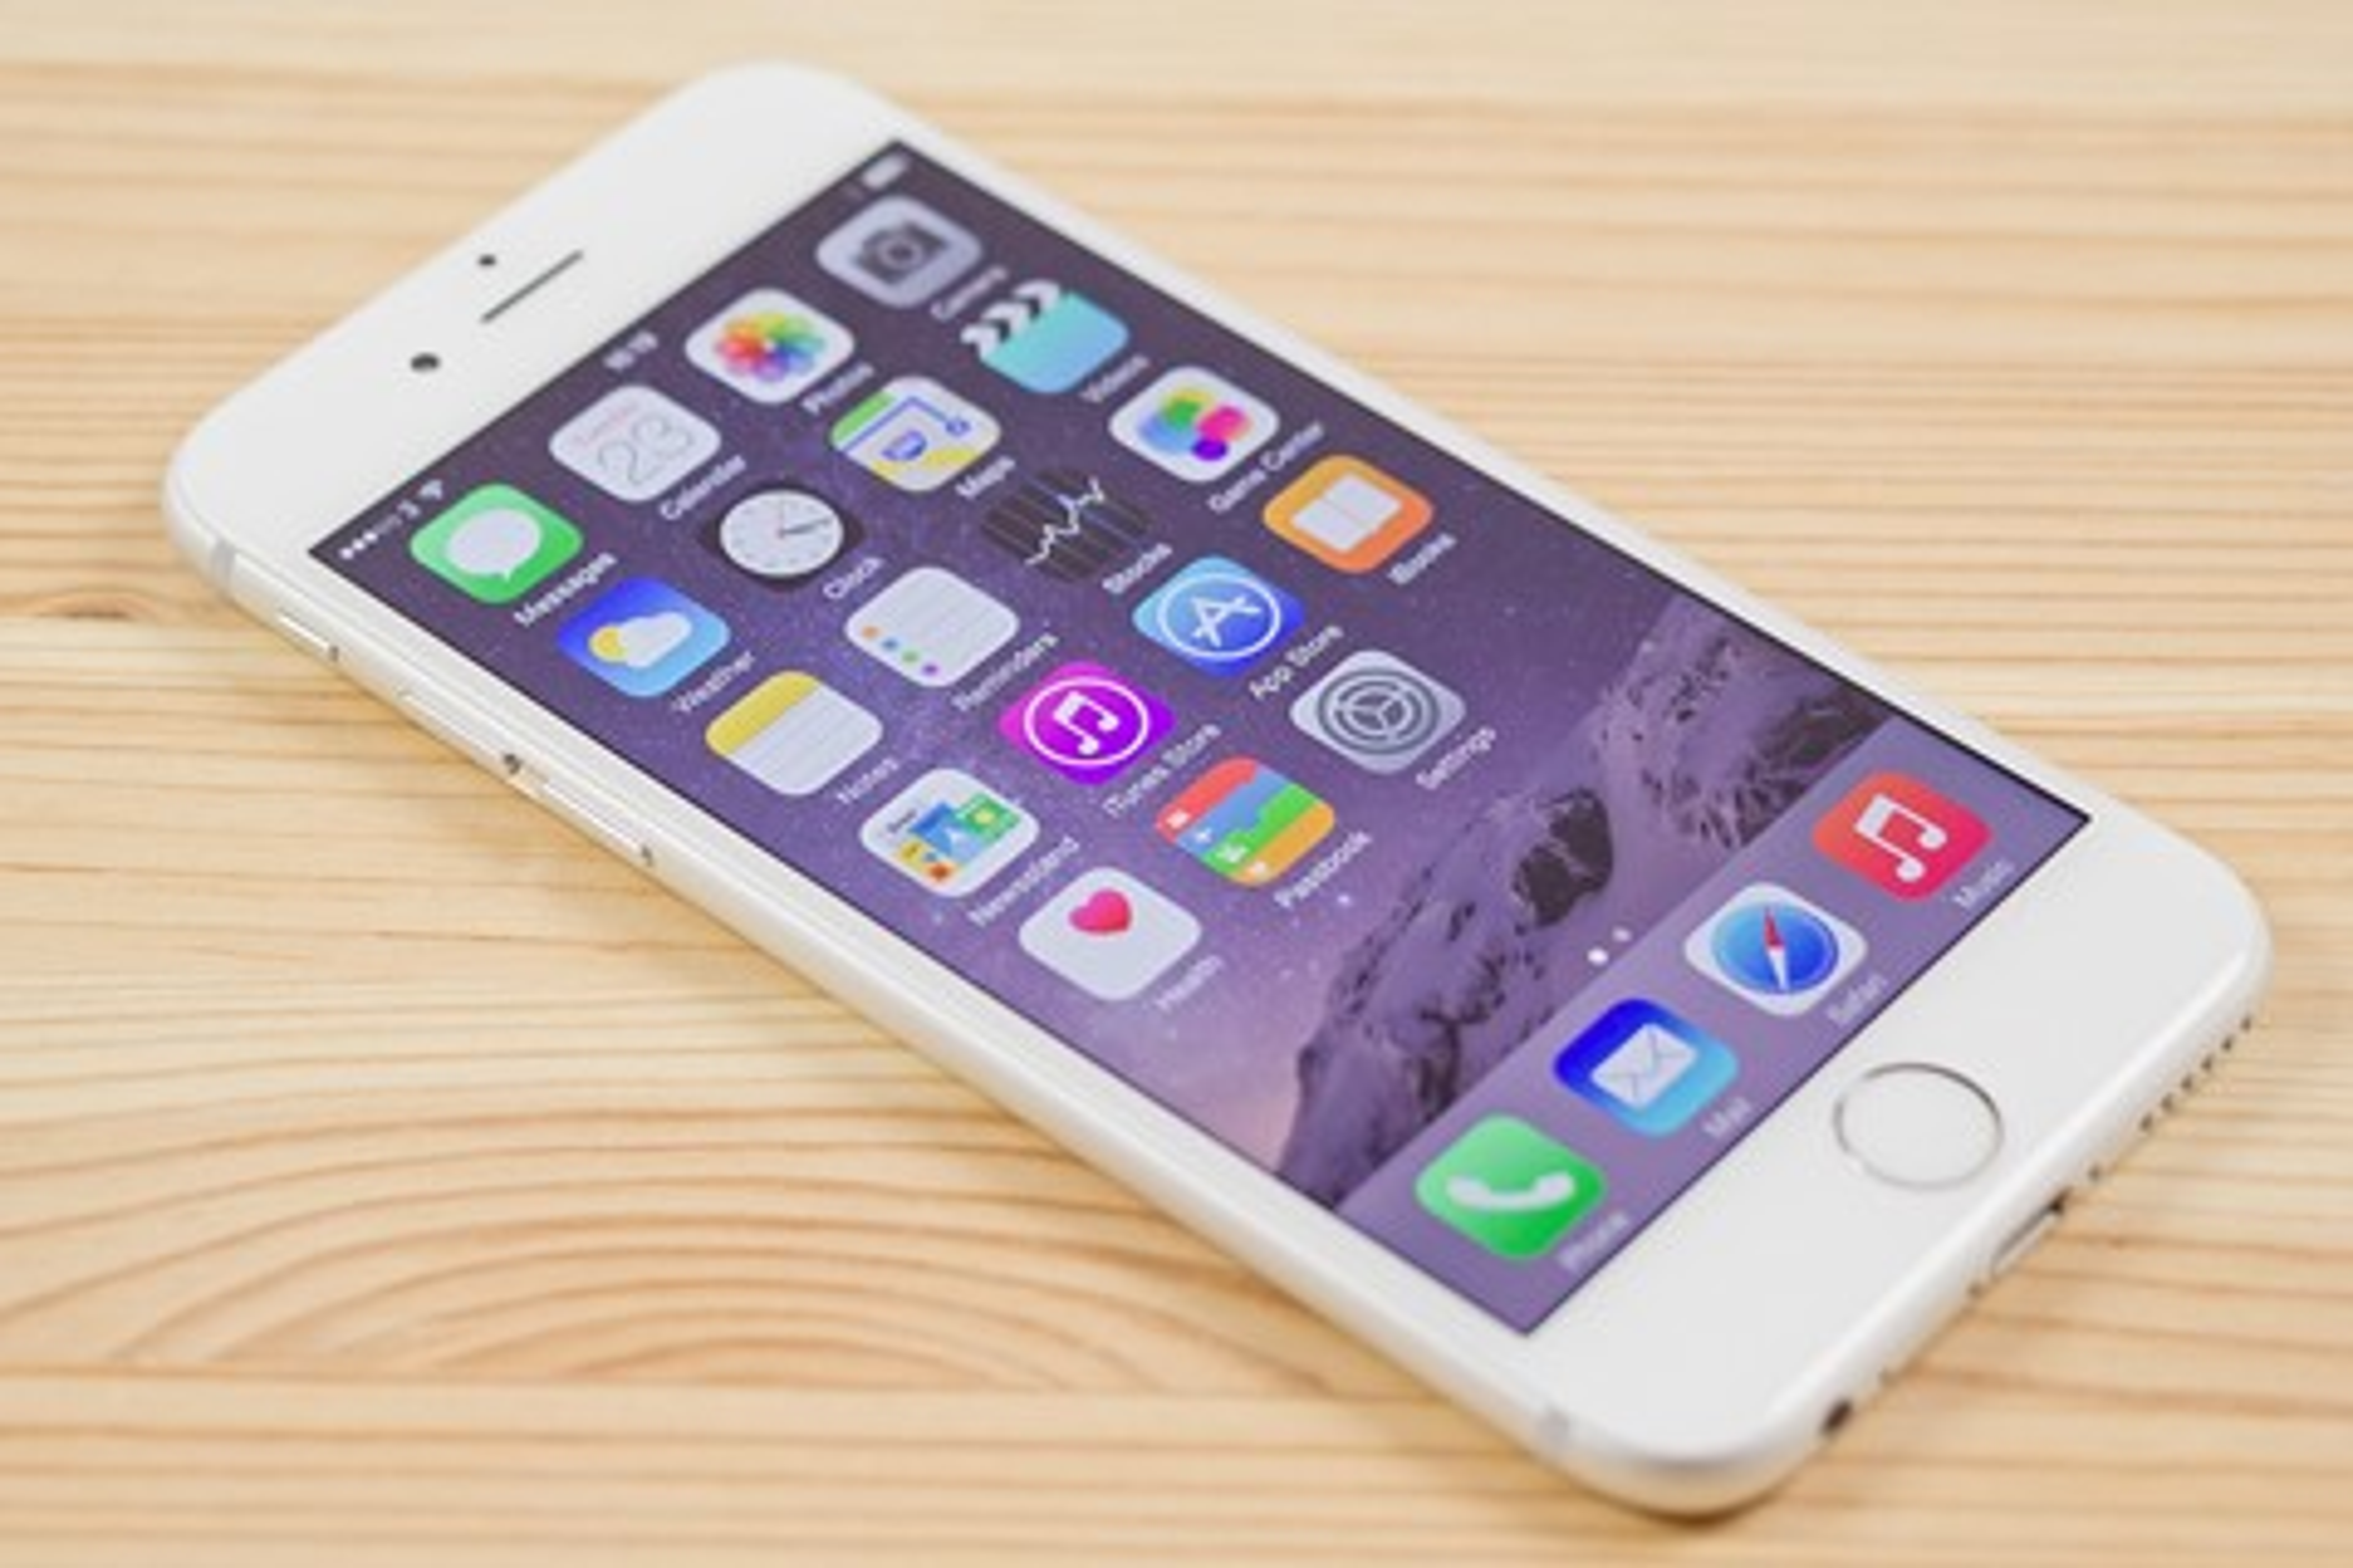 Imagem de Ladrão se recusa a roubar iPhone 6 por não ser capaz de desbloqueá-lo no tecmundo